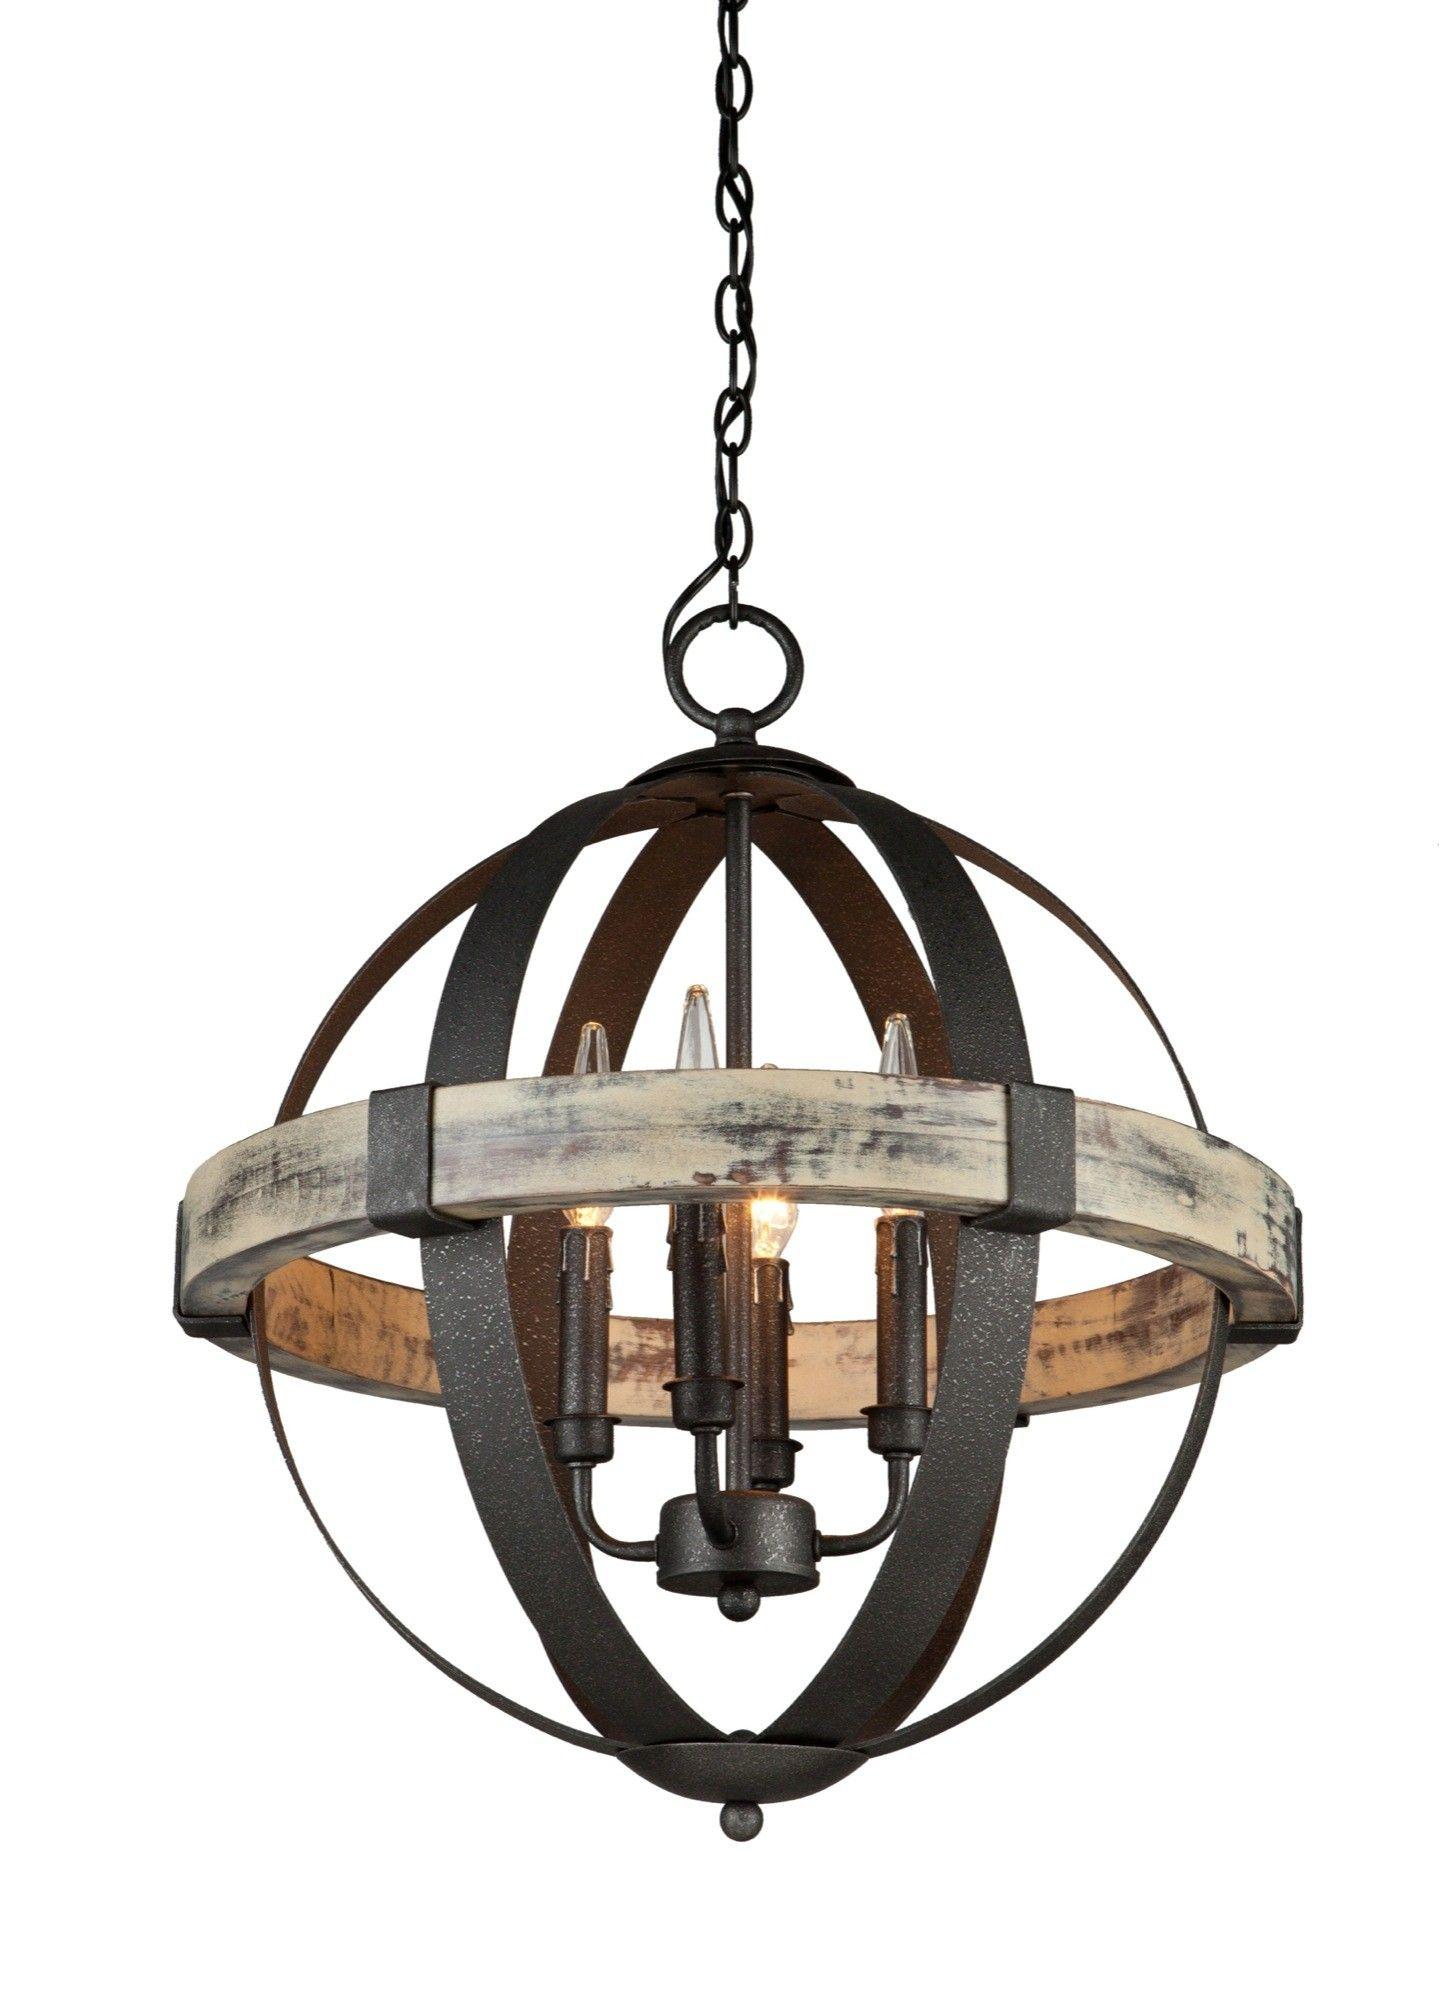 Crest Lighting Wood Chandelier Artcraft Lighting Home Lighting